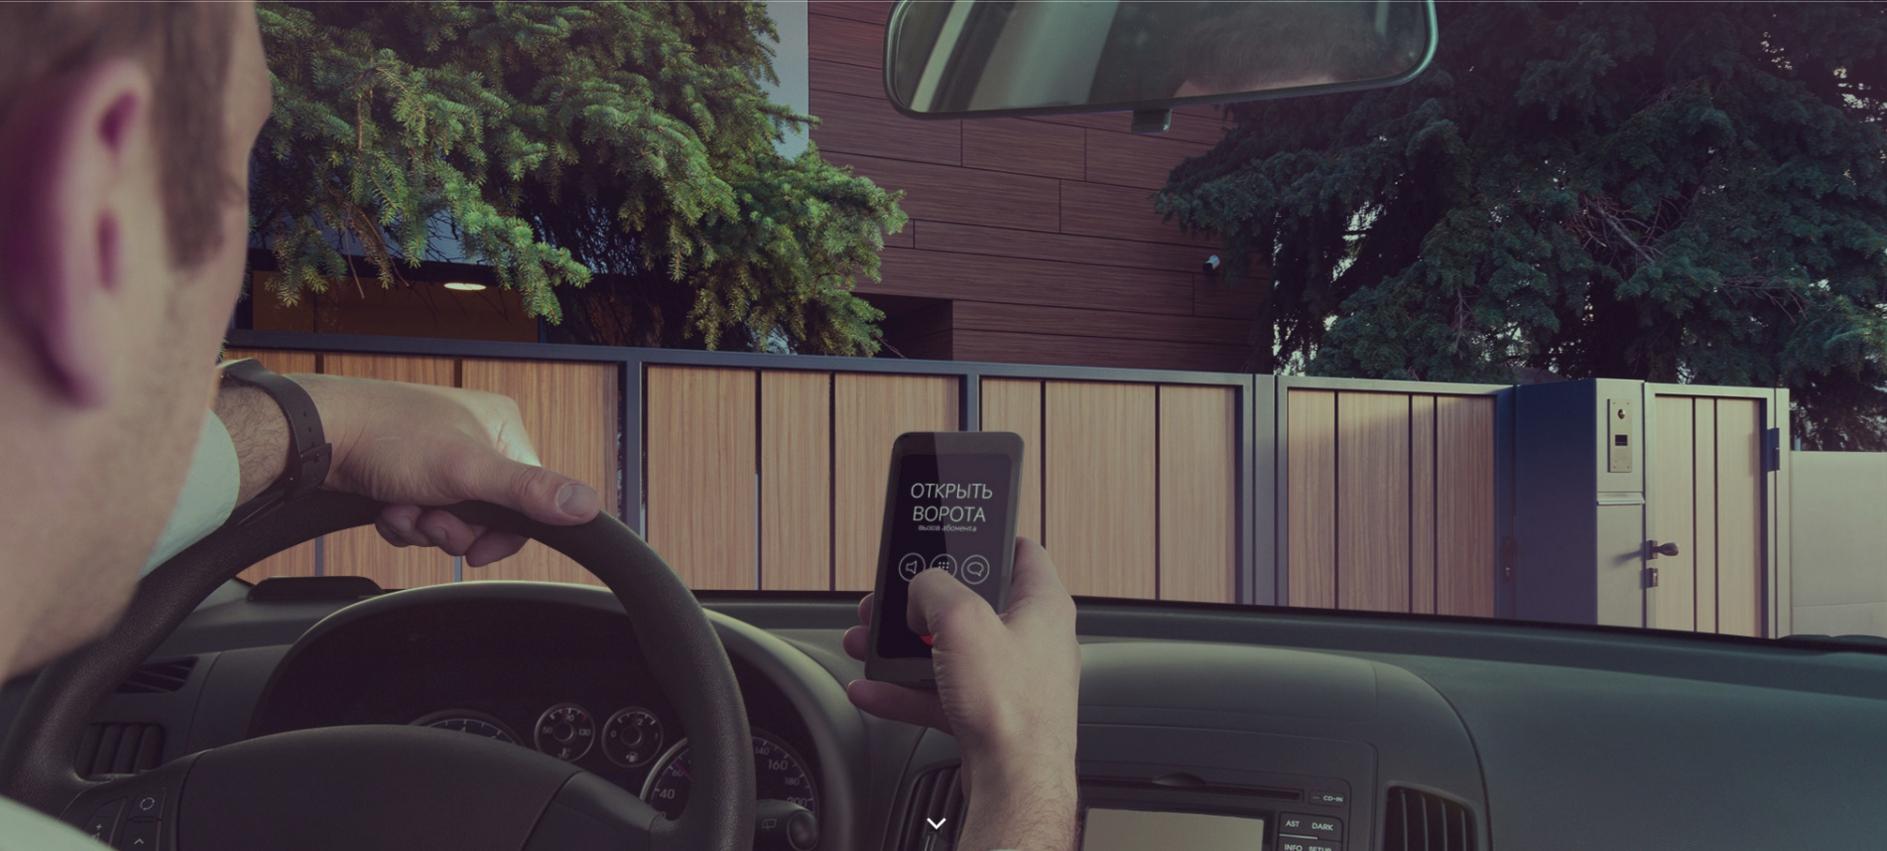 Открытие ворот с помощью мобильного телефона